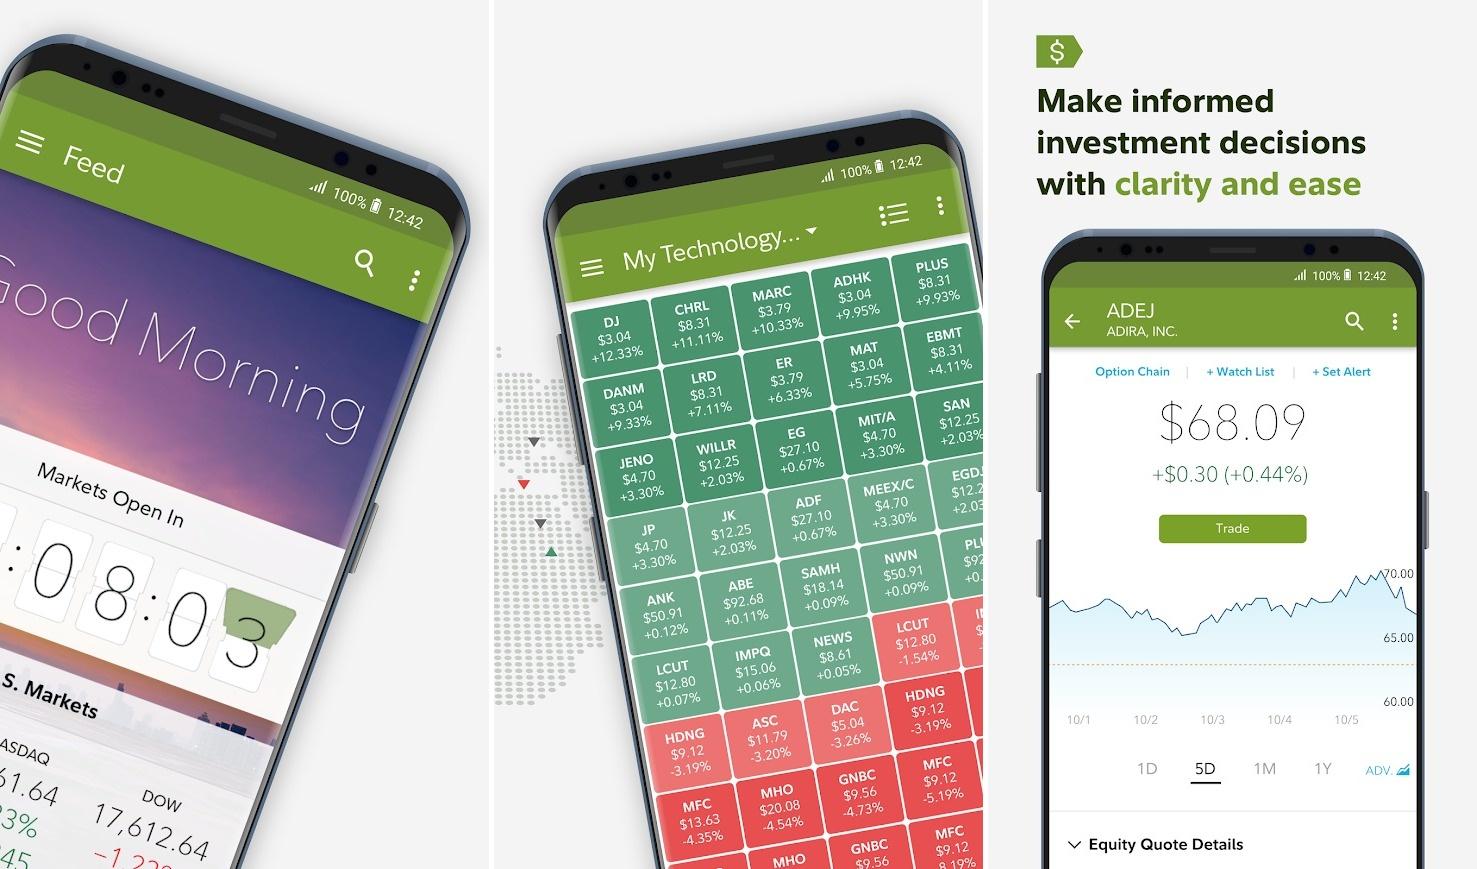 Screenshots of Fidelity app